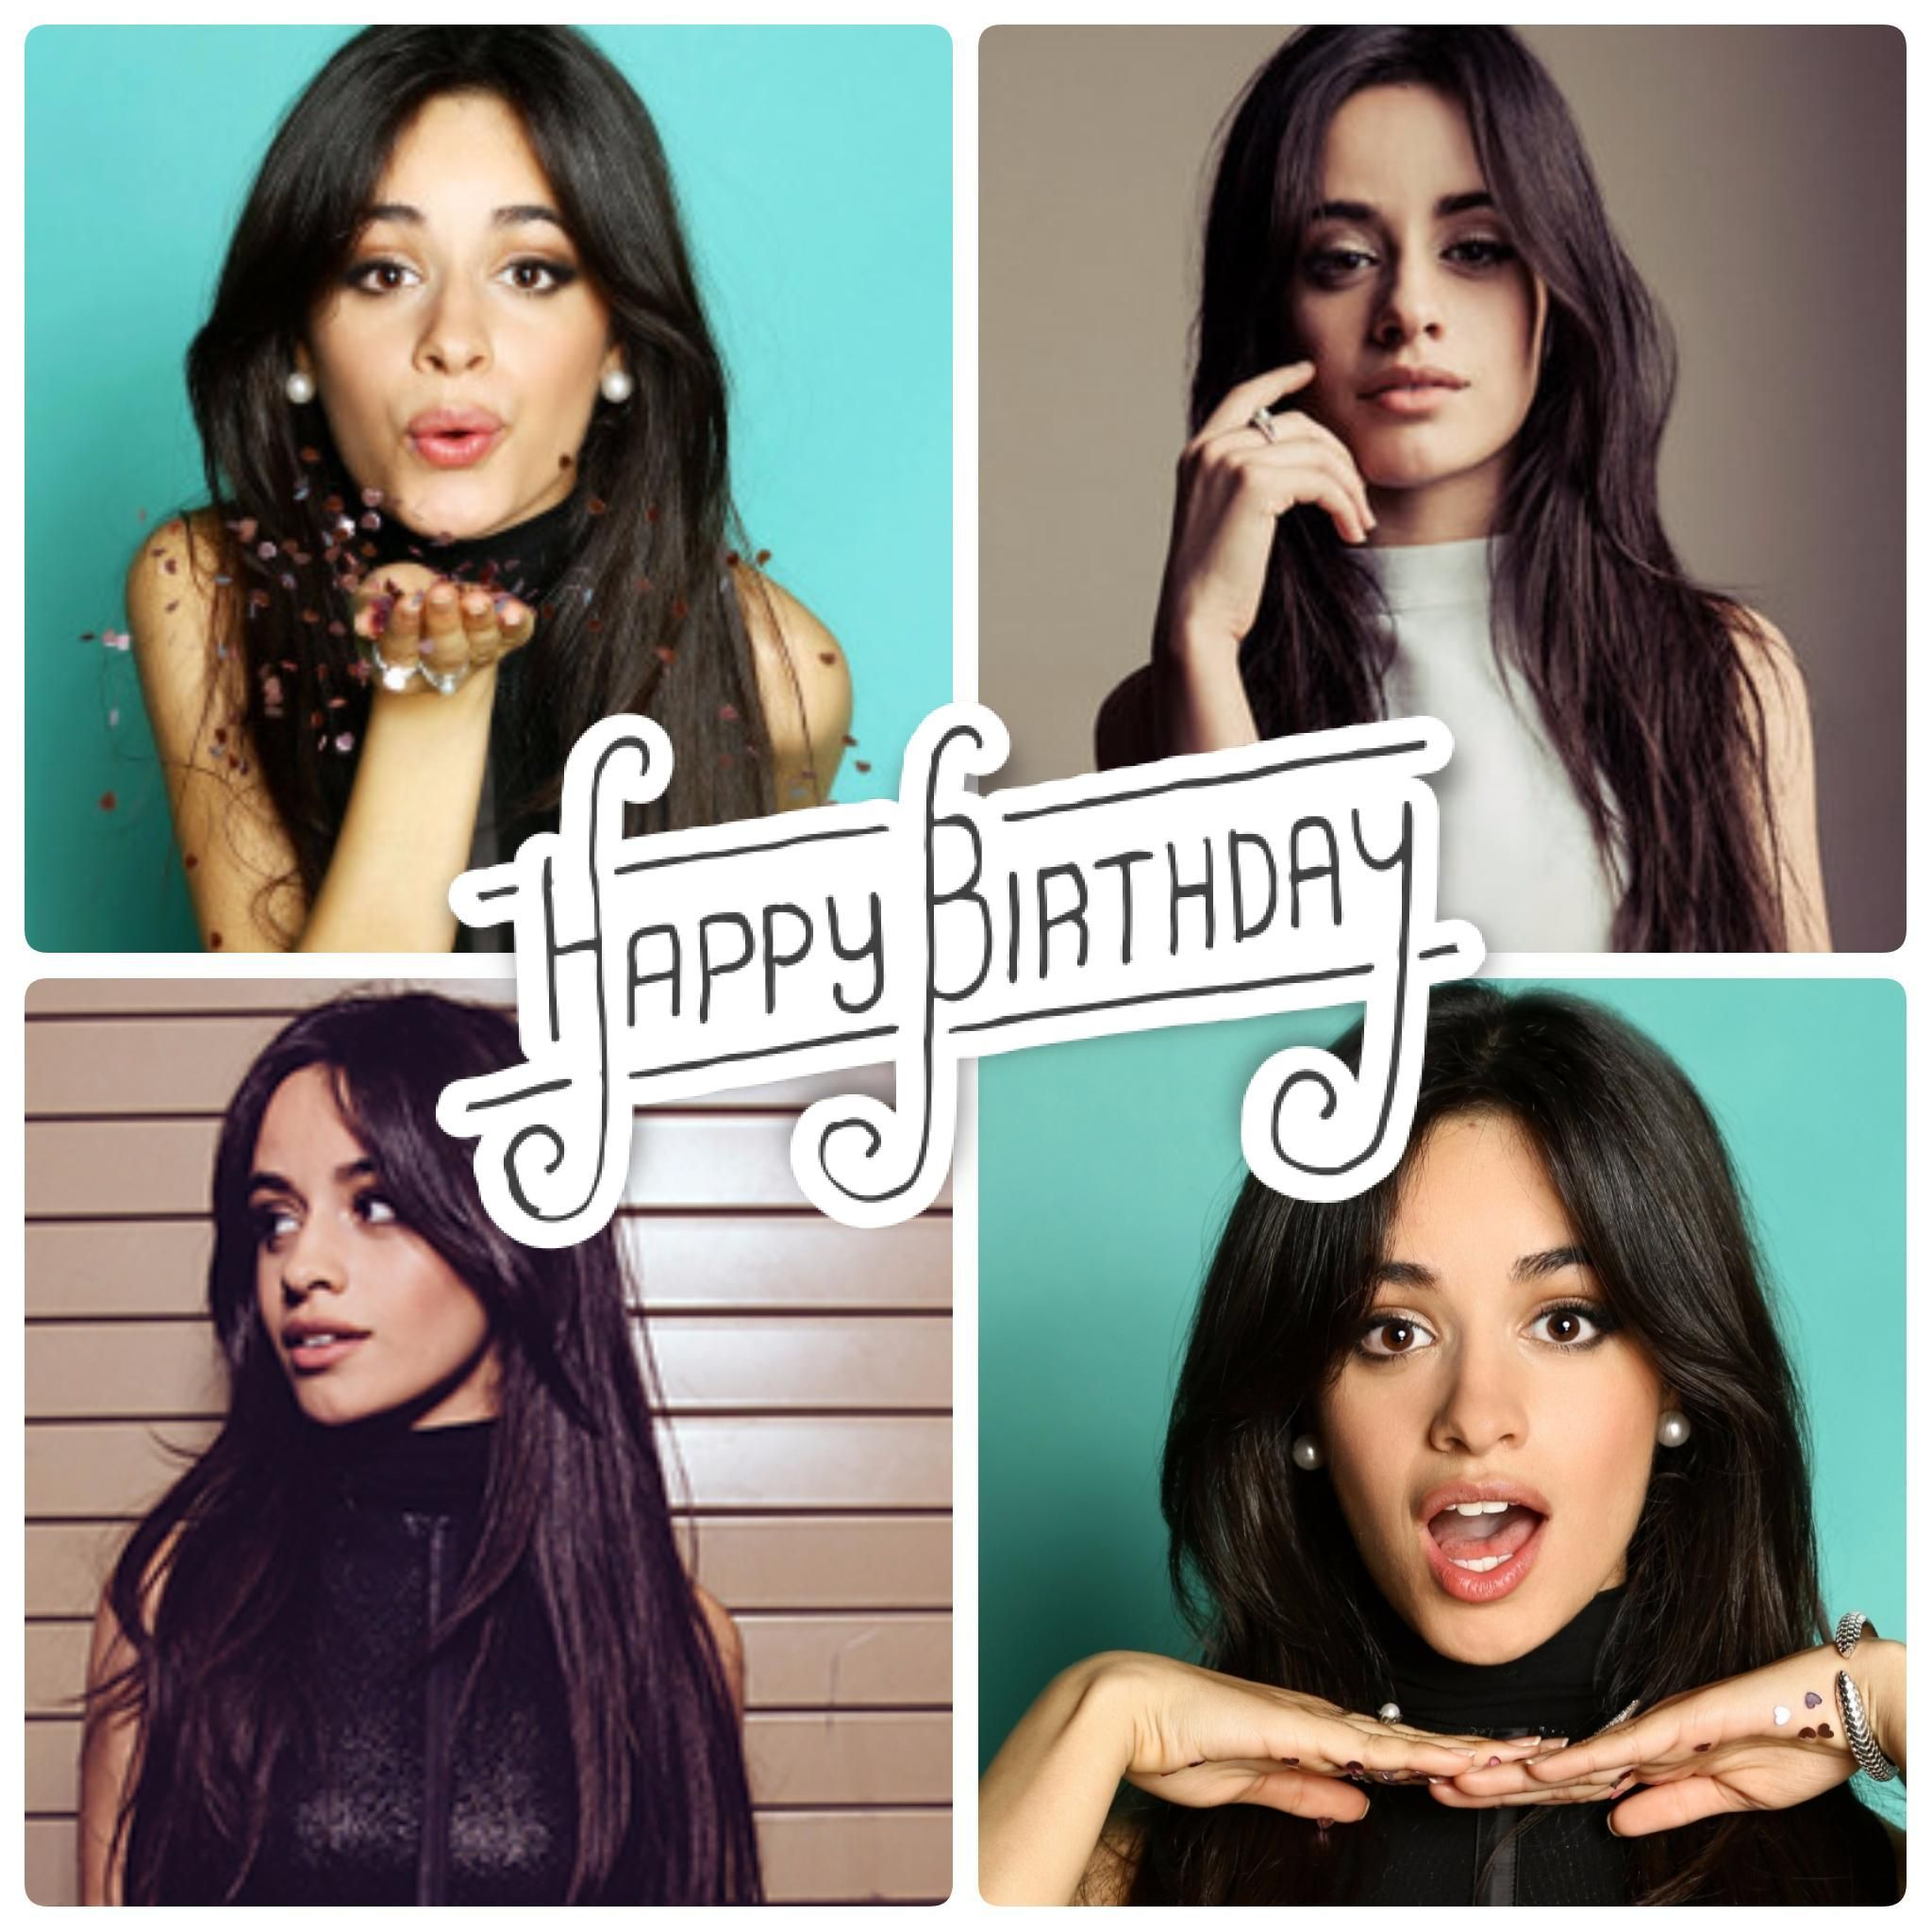 Happy Birthday to the amazing Camila Cabello :)